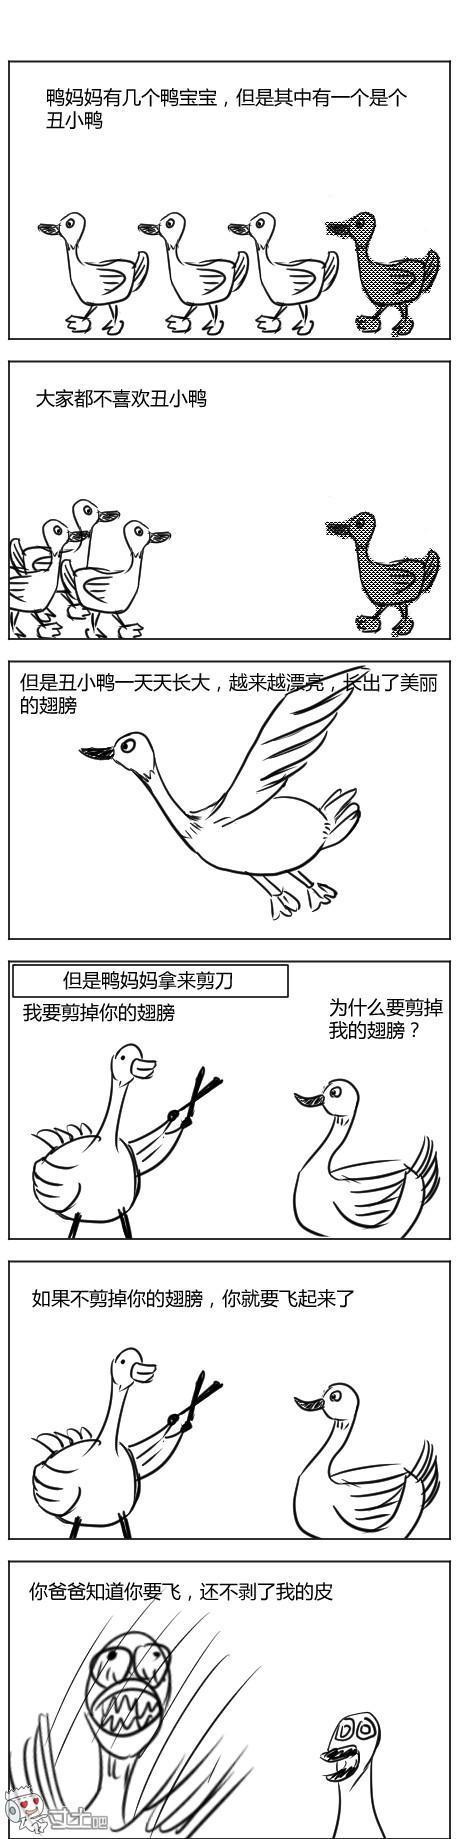 醜小鴨的小故事